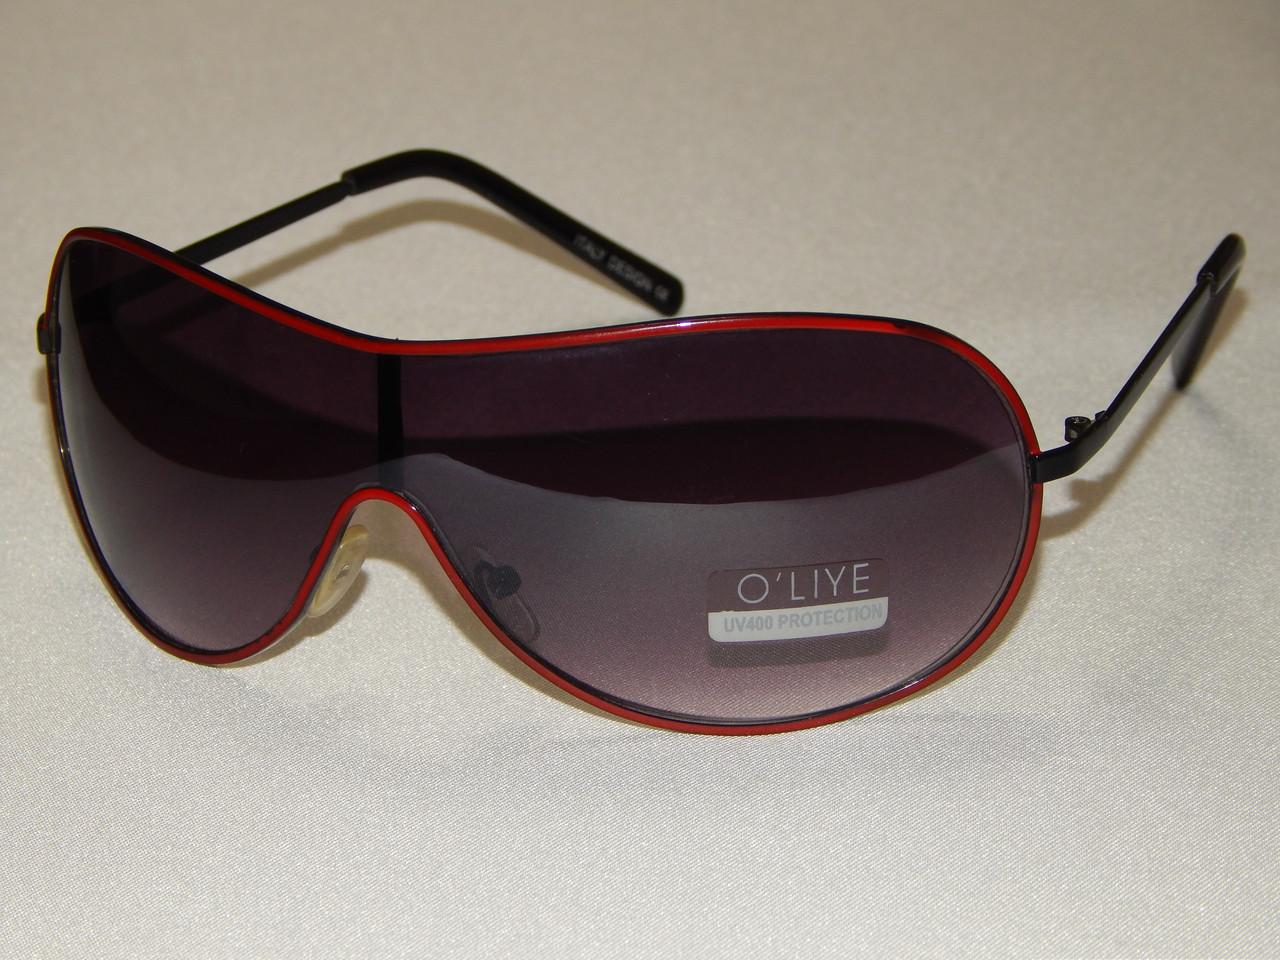 Солнцезащитные очки, маска, красная оправа 790126 -